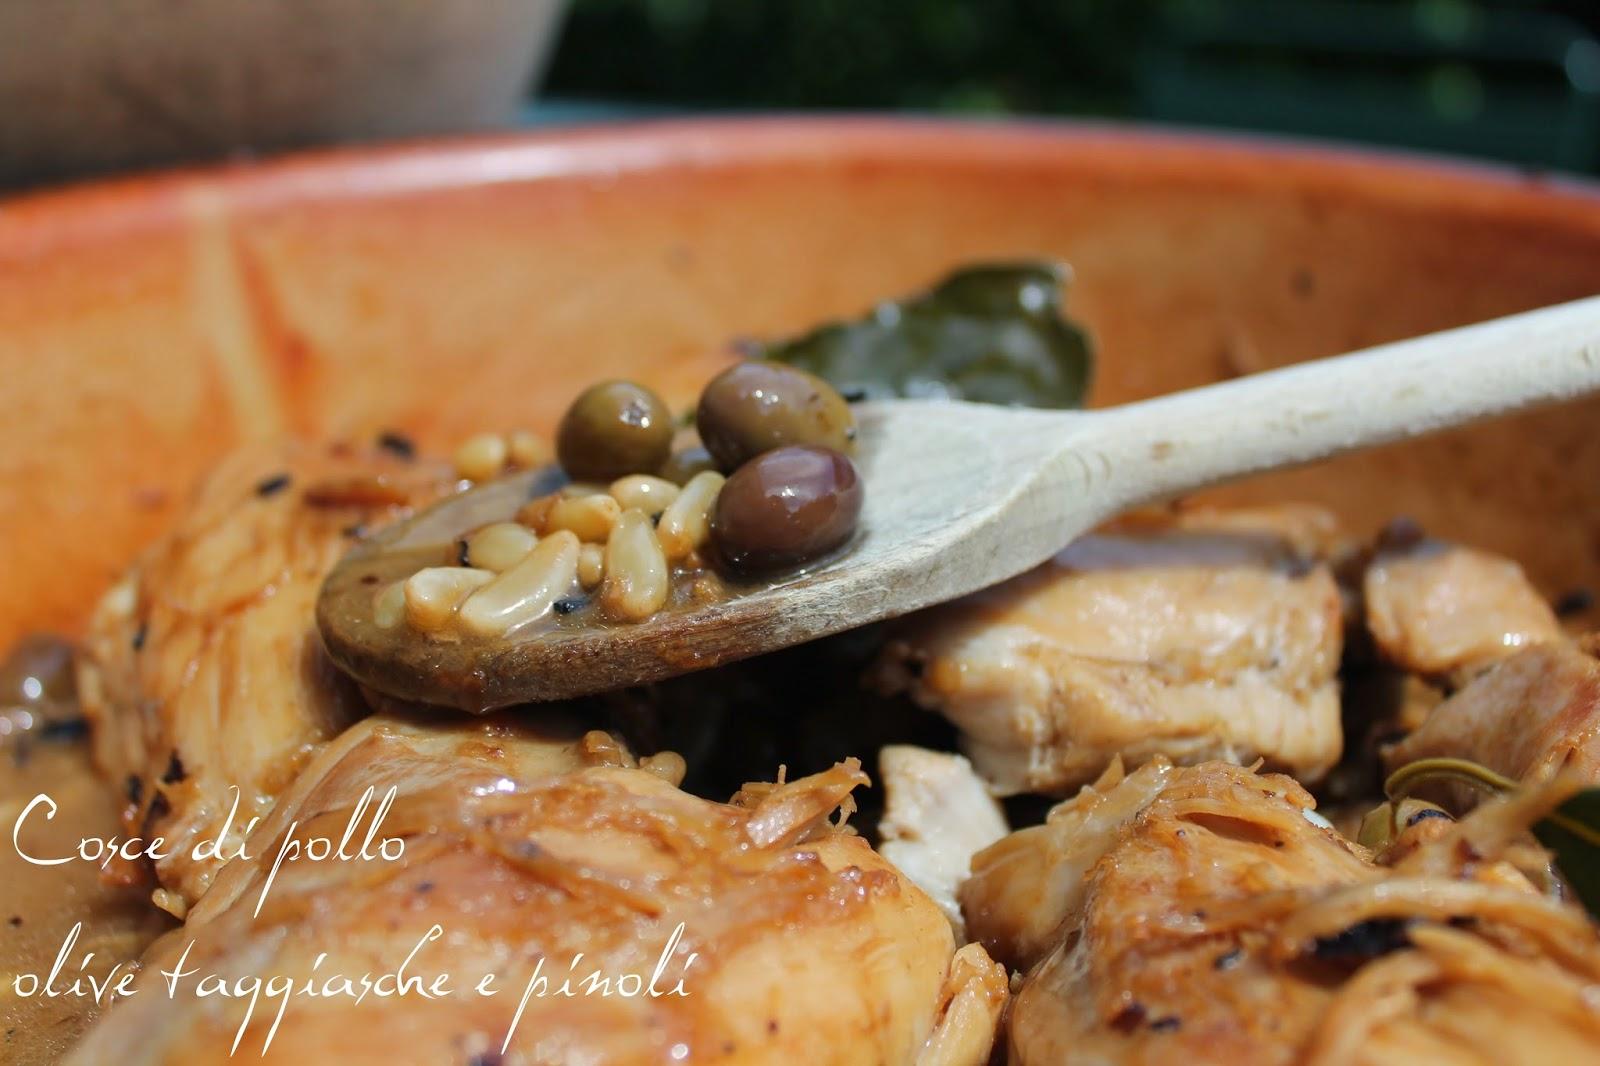 La cucina di zia Simonetta: Cosce di pollo, olive taggiasche e pinolo